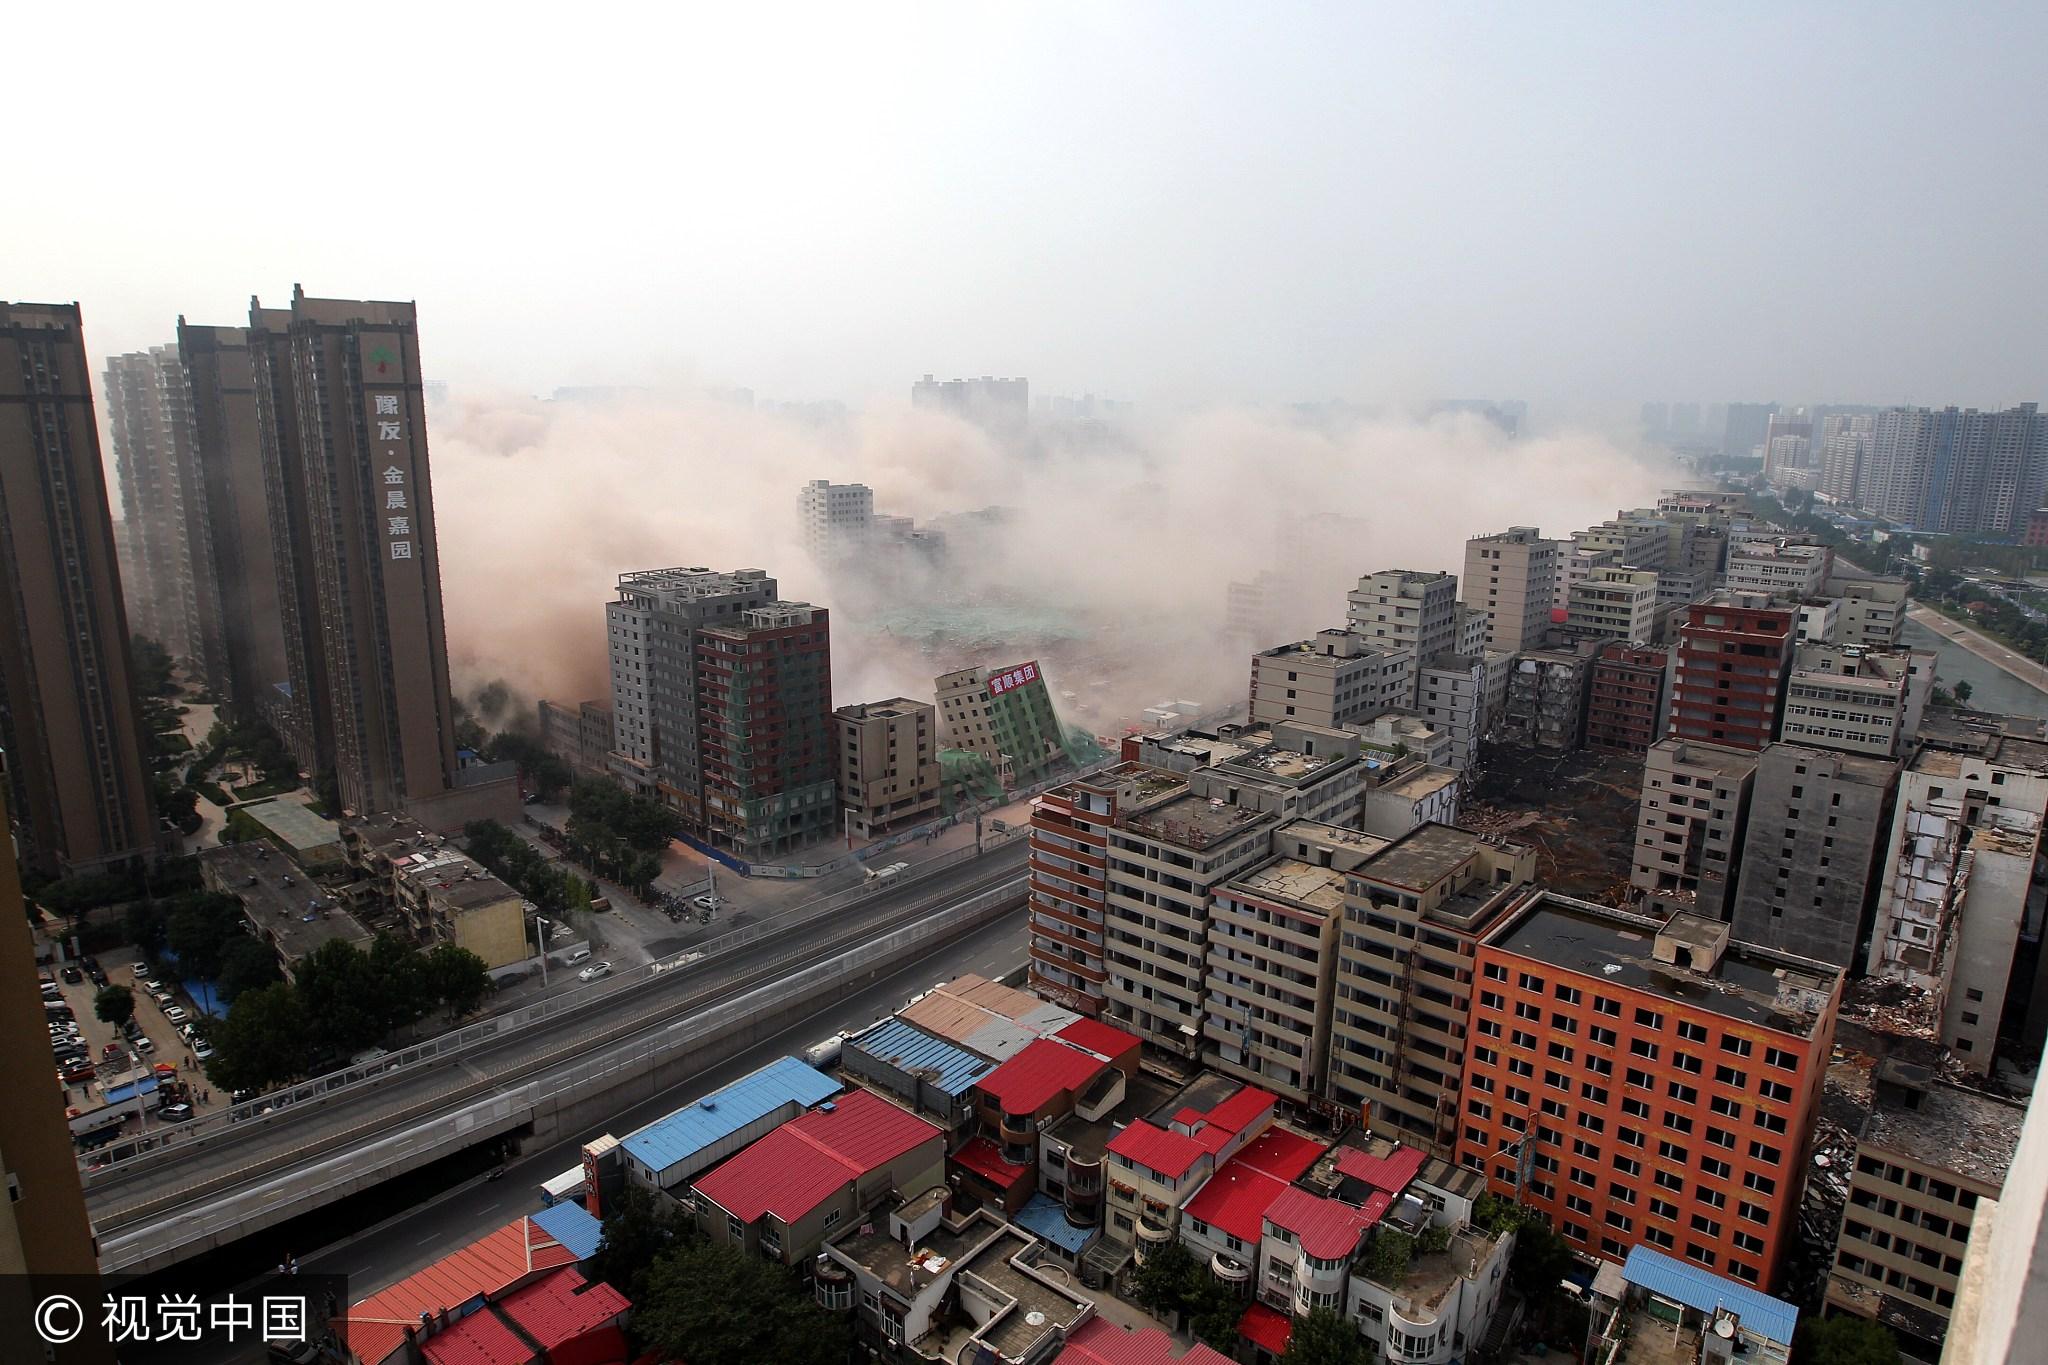 郑州36栋楼爆破 轰然倒塌如美国大片 - 周公乐 - xinhua8848 的博客